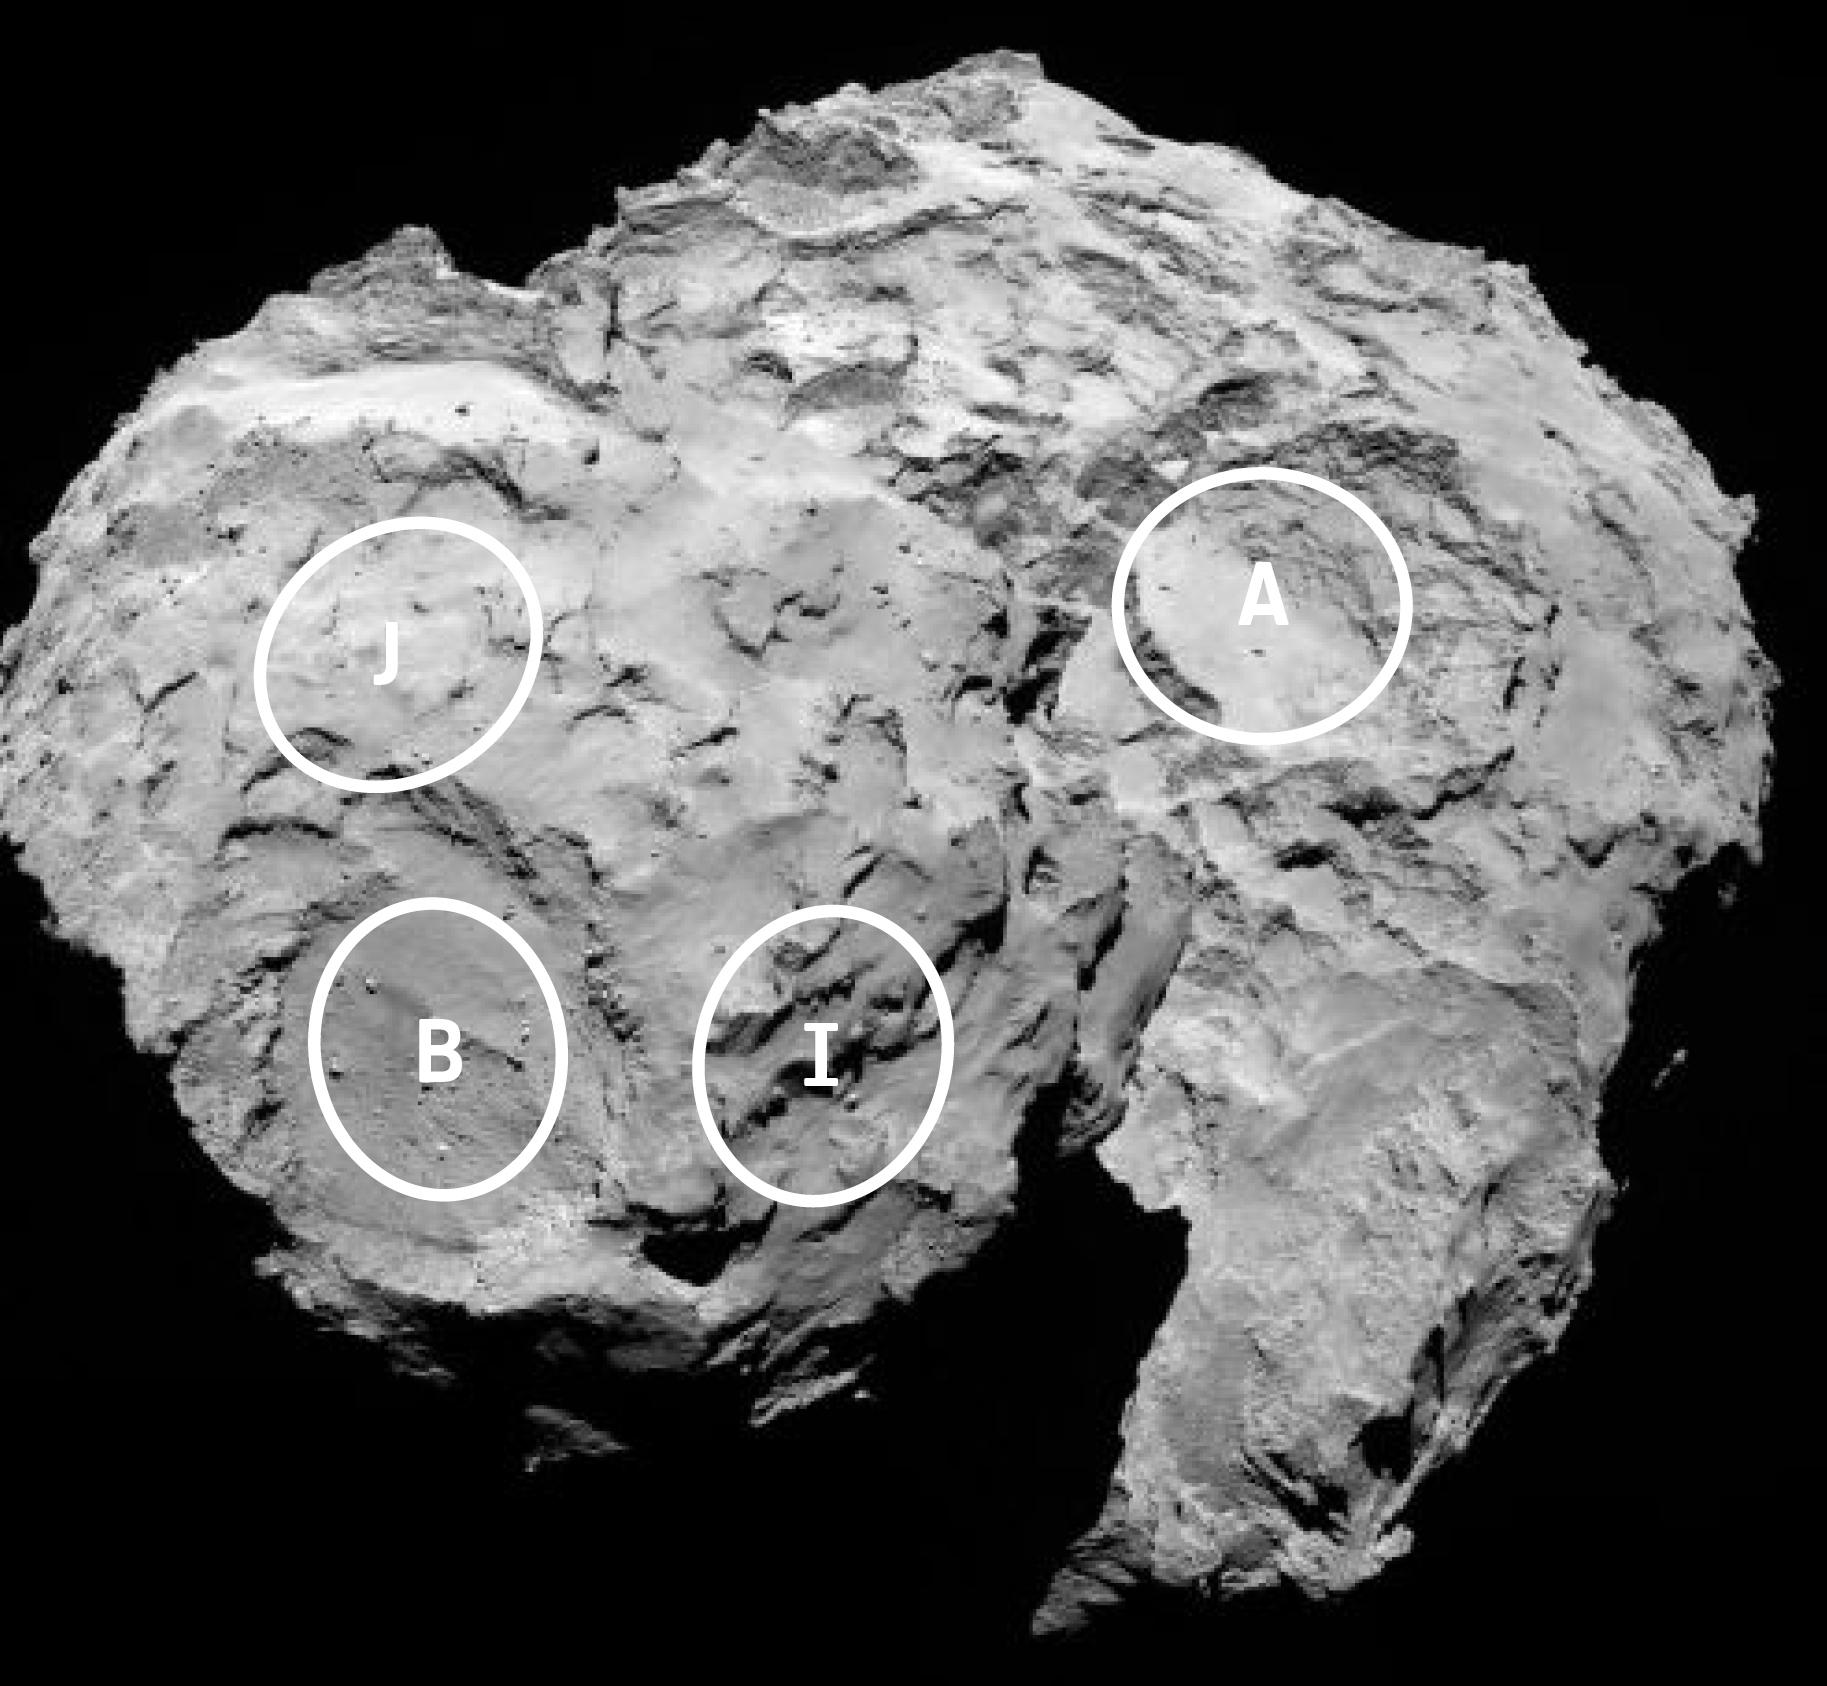 Rosetta: Landing Site Search Narrows | NASA